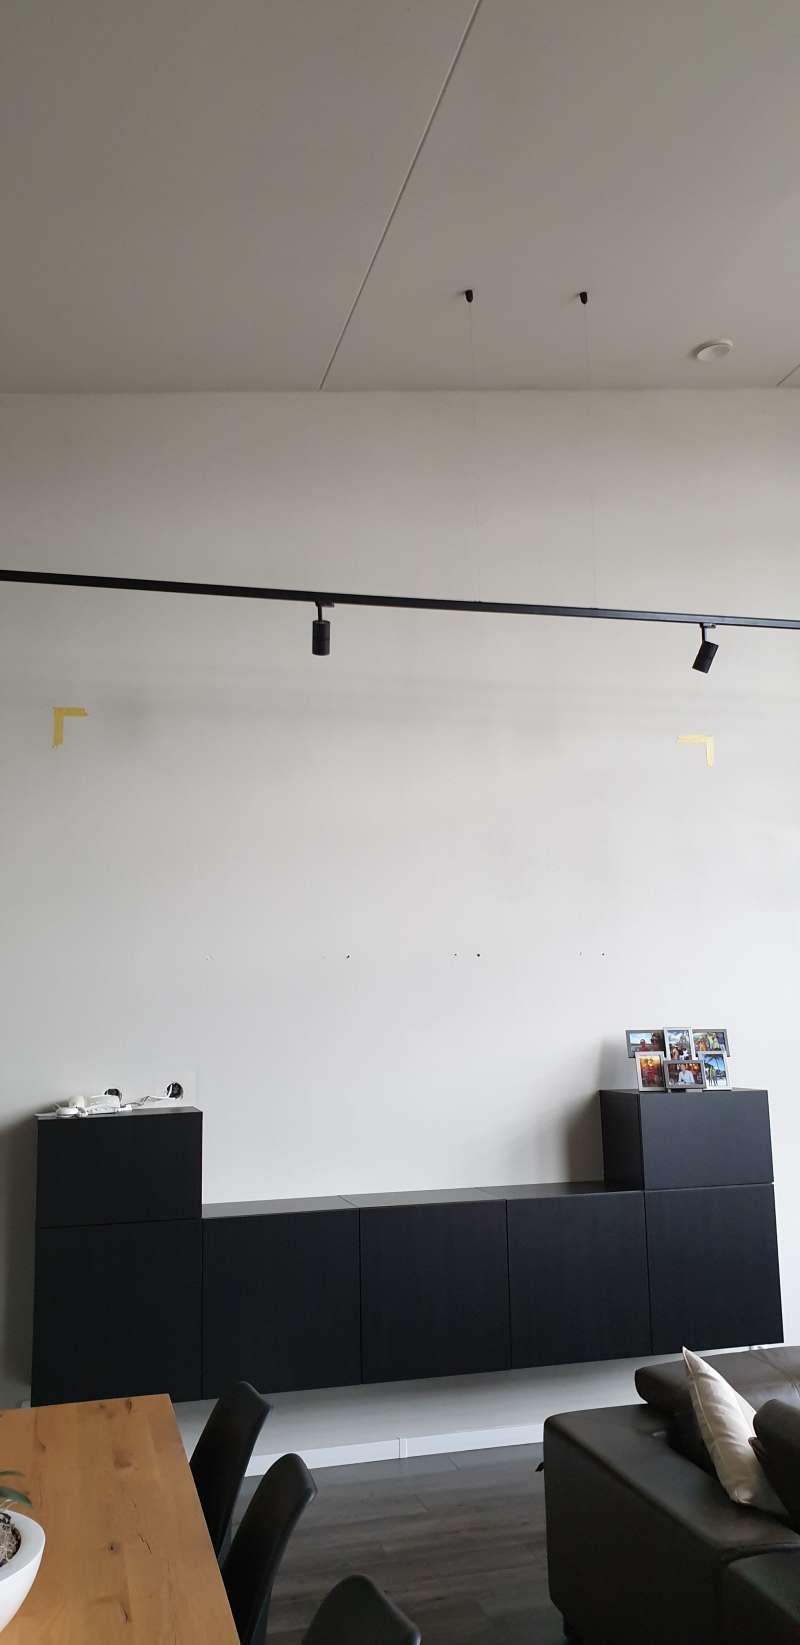 Ikea Besta Kast Aan Gewapend Betonnen Muur Monteren